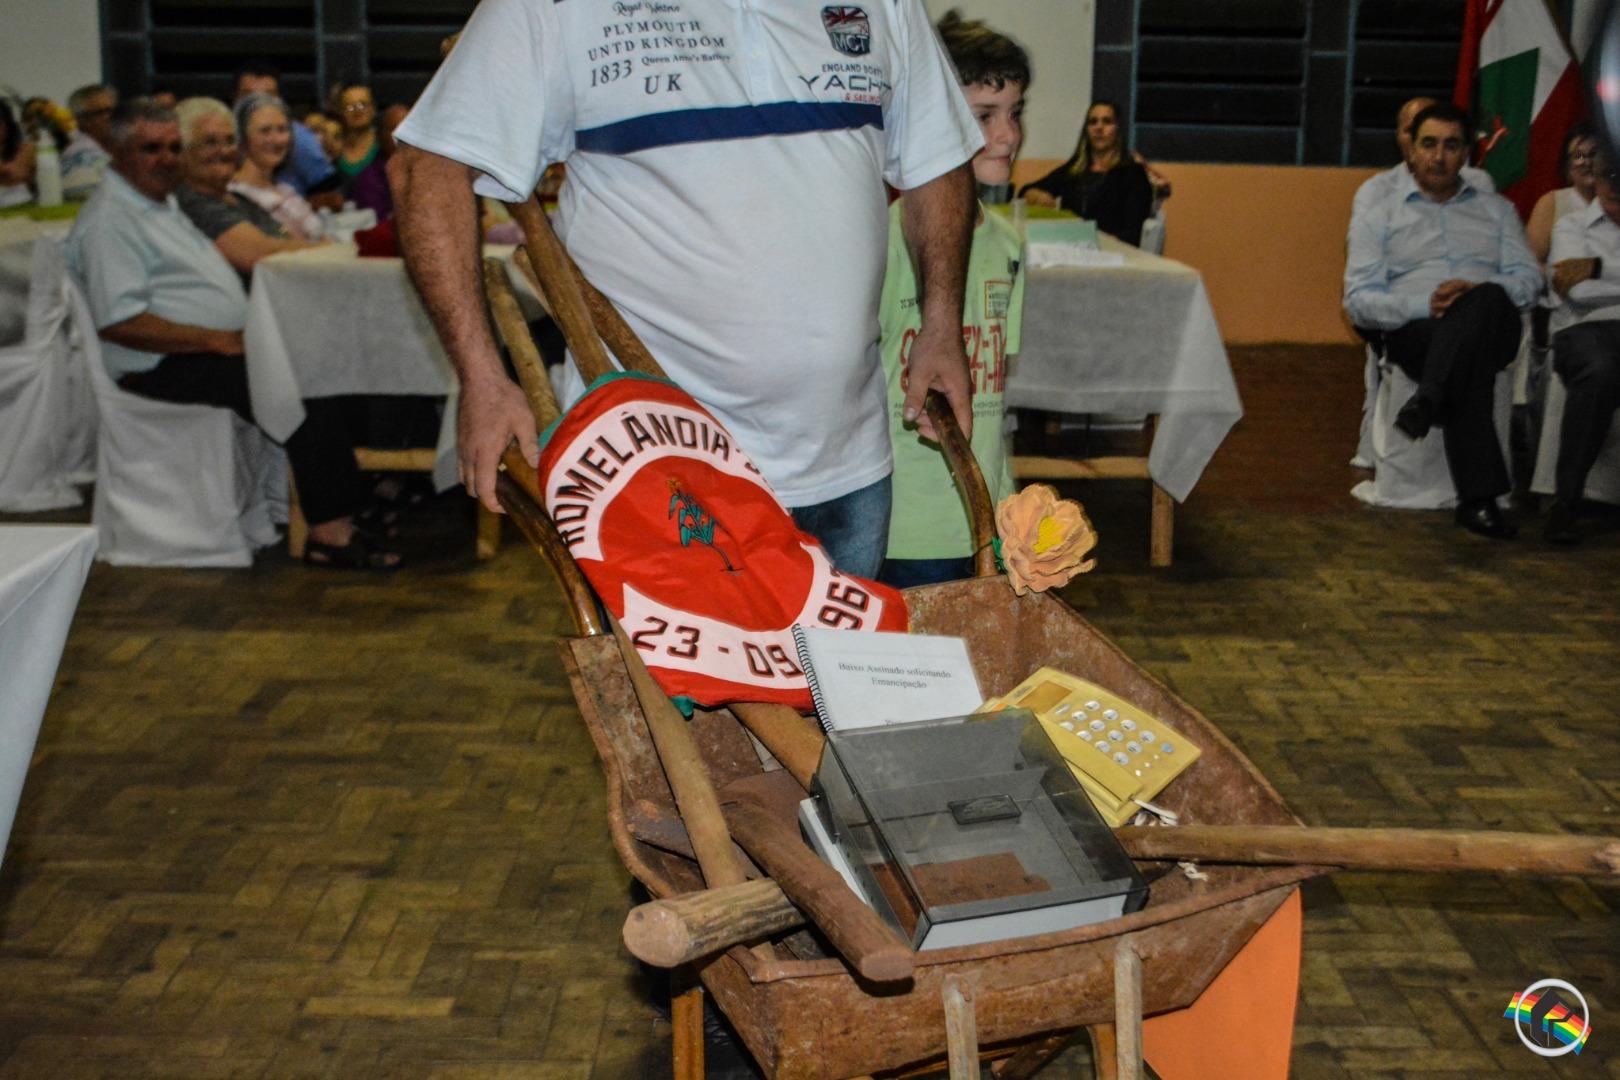 Romelândia homenageia ex-prefeitos, ex-vice-prefeitos e ex-vereadores